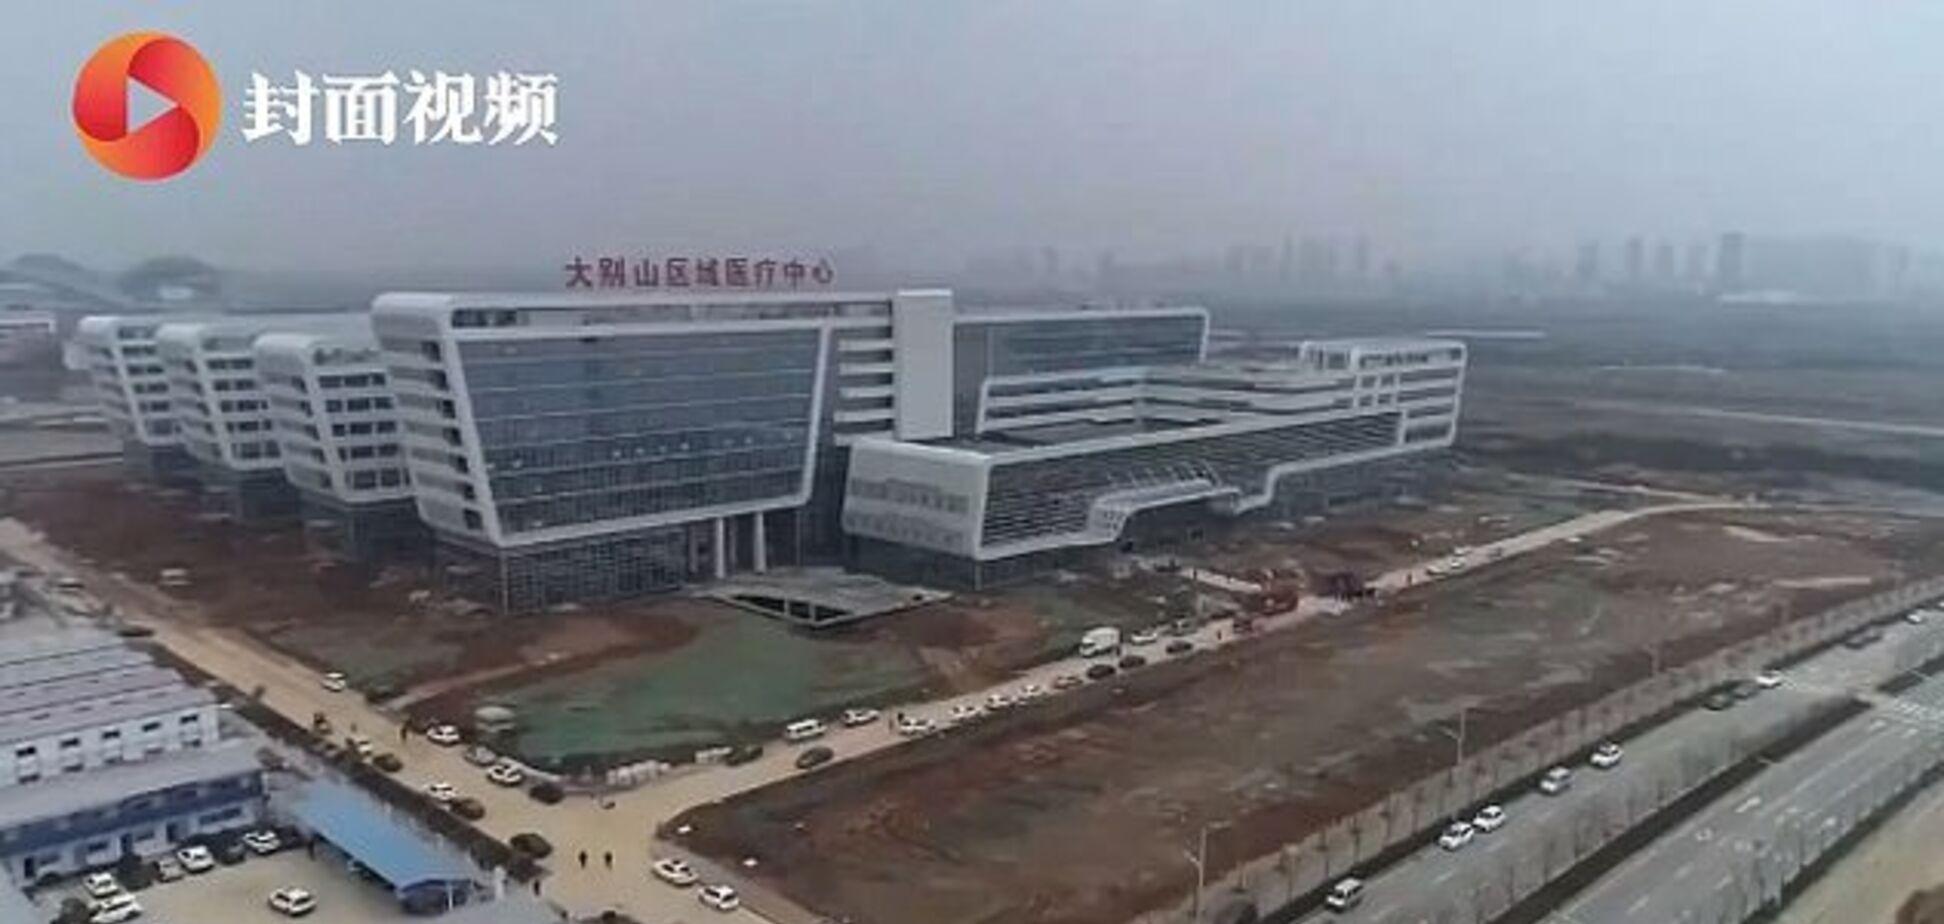 У Китаї за 2 дні облаштували лікарню для заражених коронавірусом: фото і відео